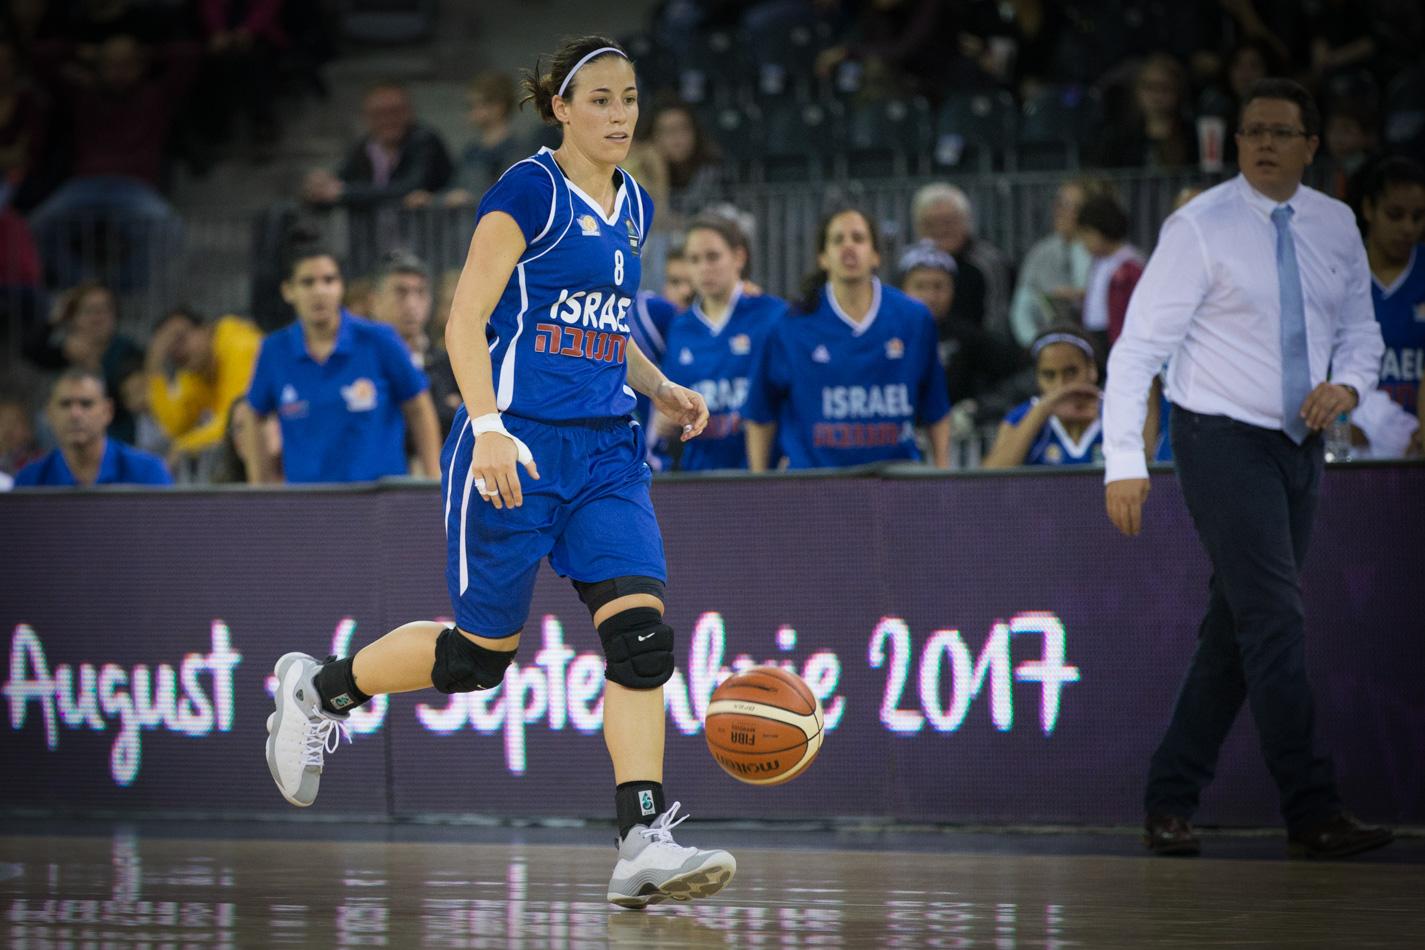 שי דורון חוזרת לנבחרת ישראל לקראת המשחקים נגד יוון ובריטניה